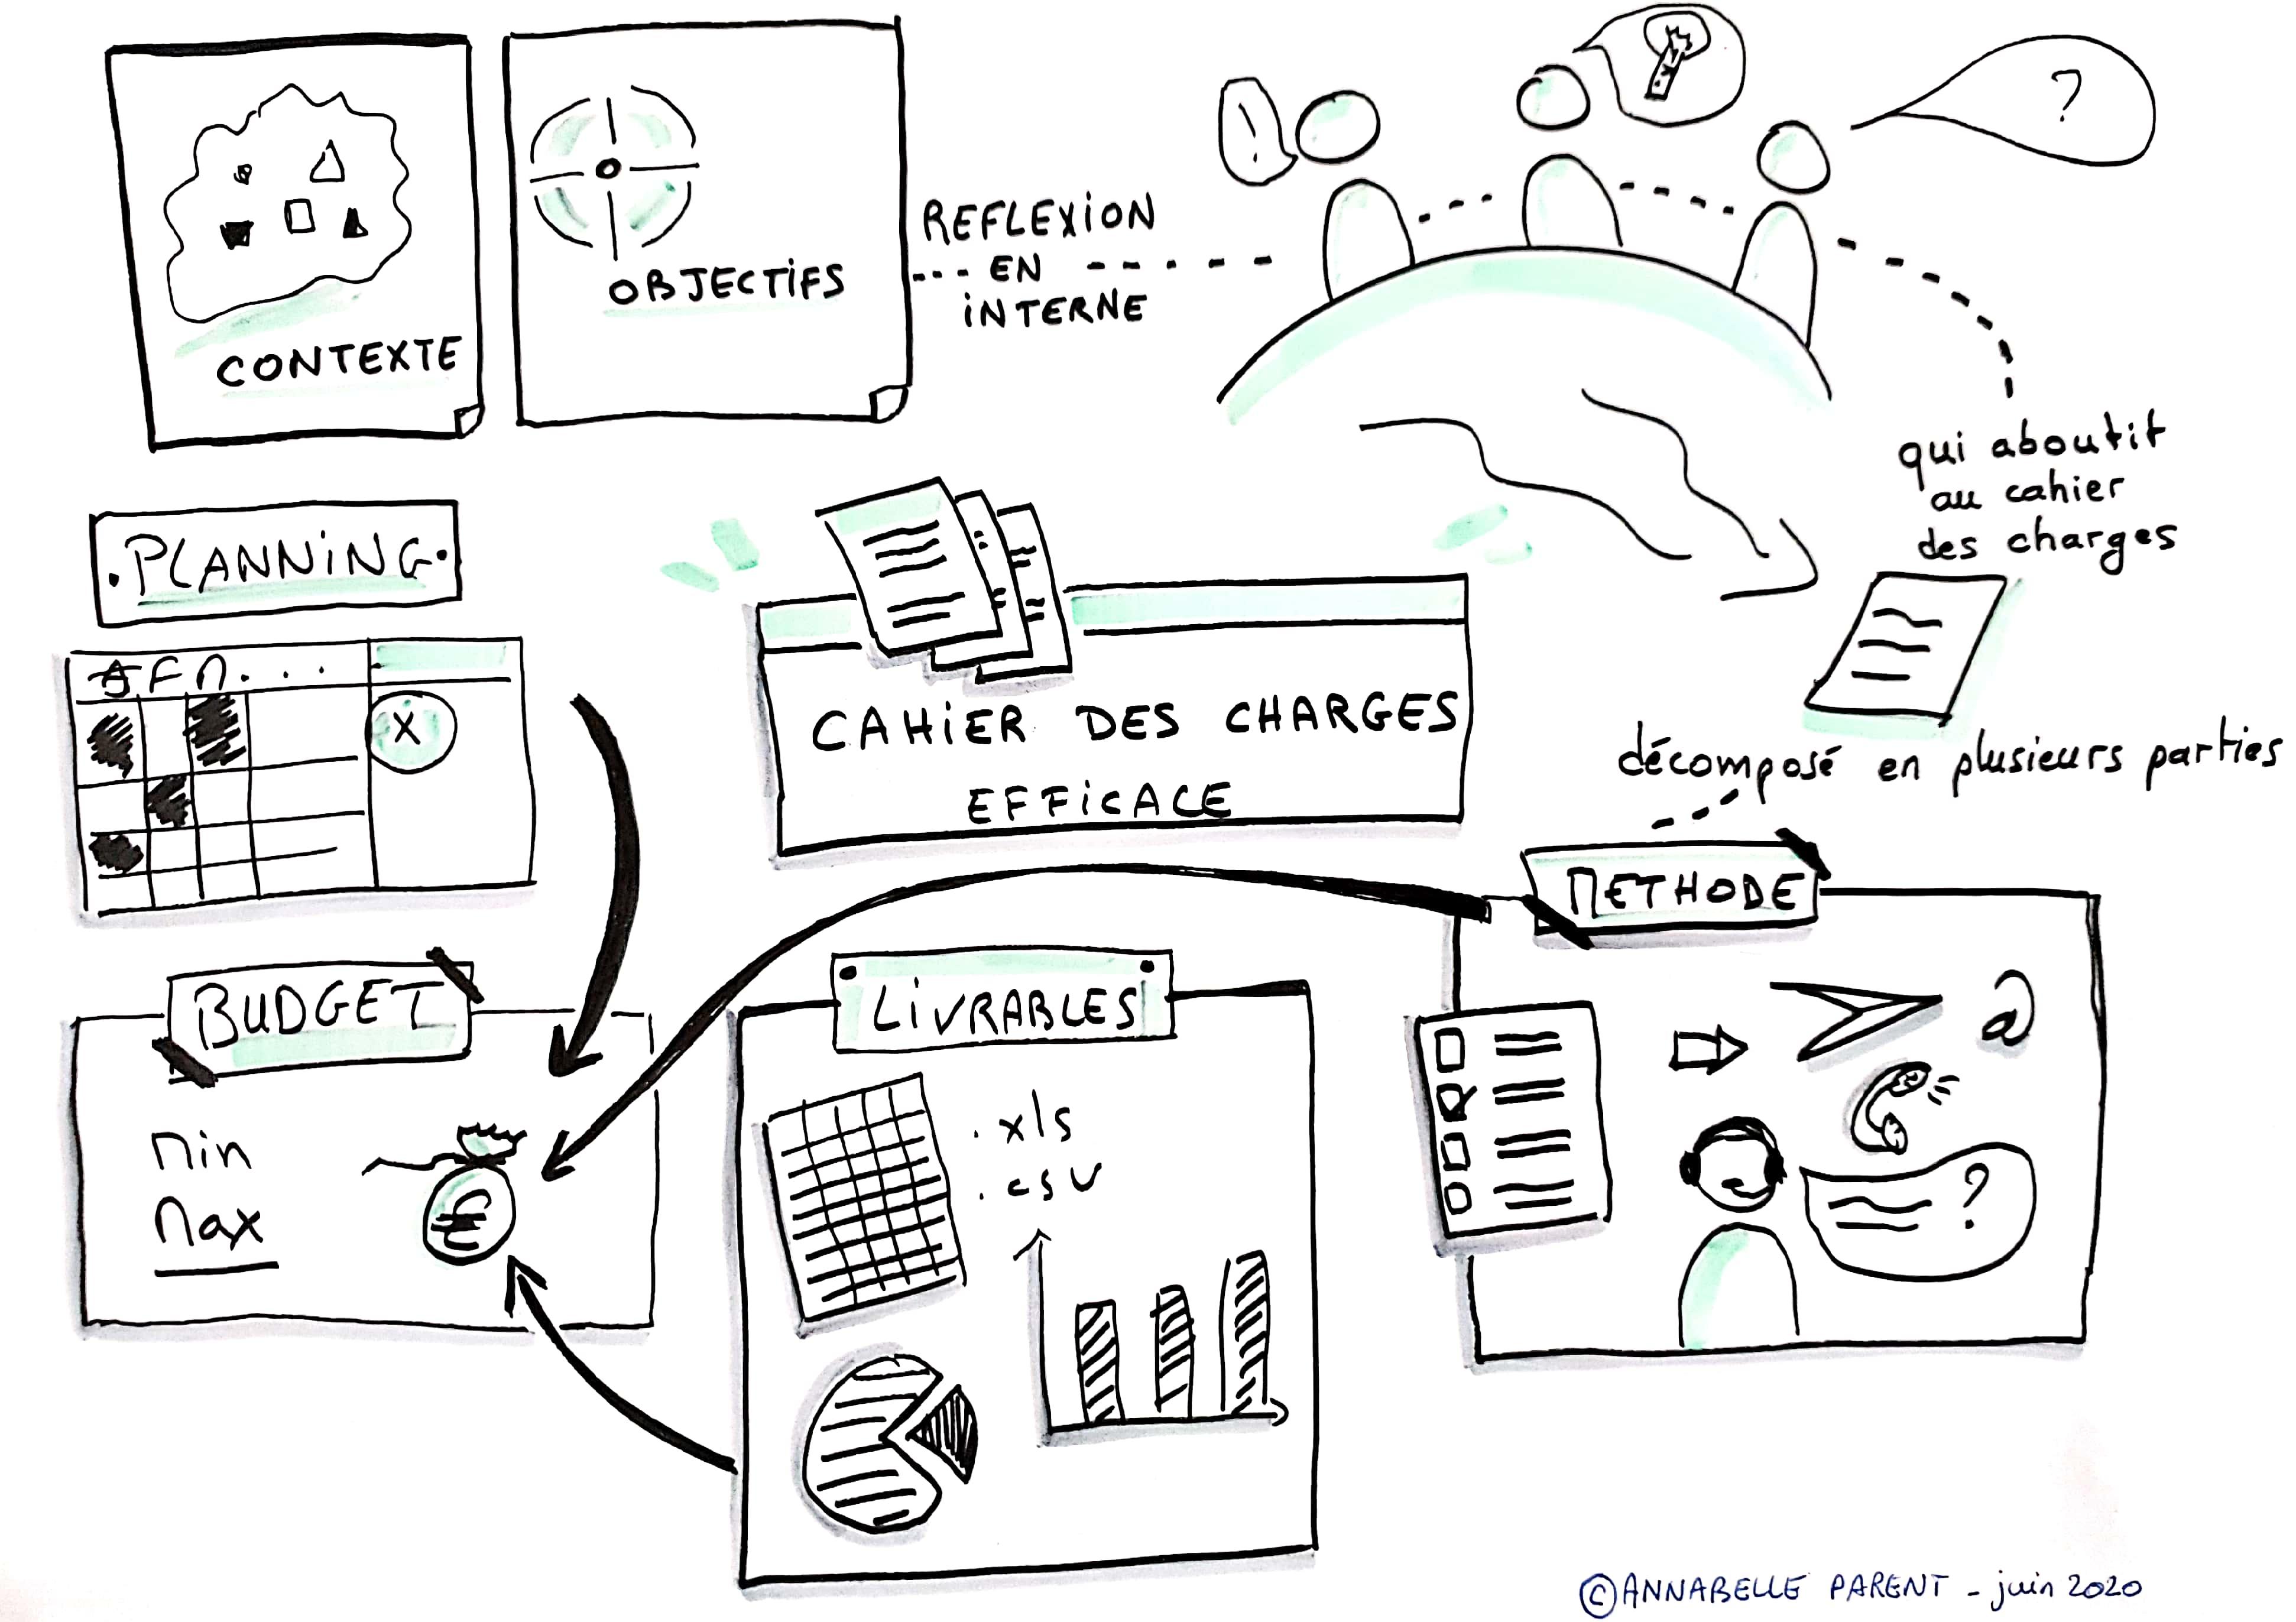 Comment faire un bon brief client pour une étude marketing ou socio-économique ?